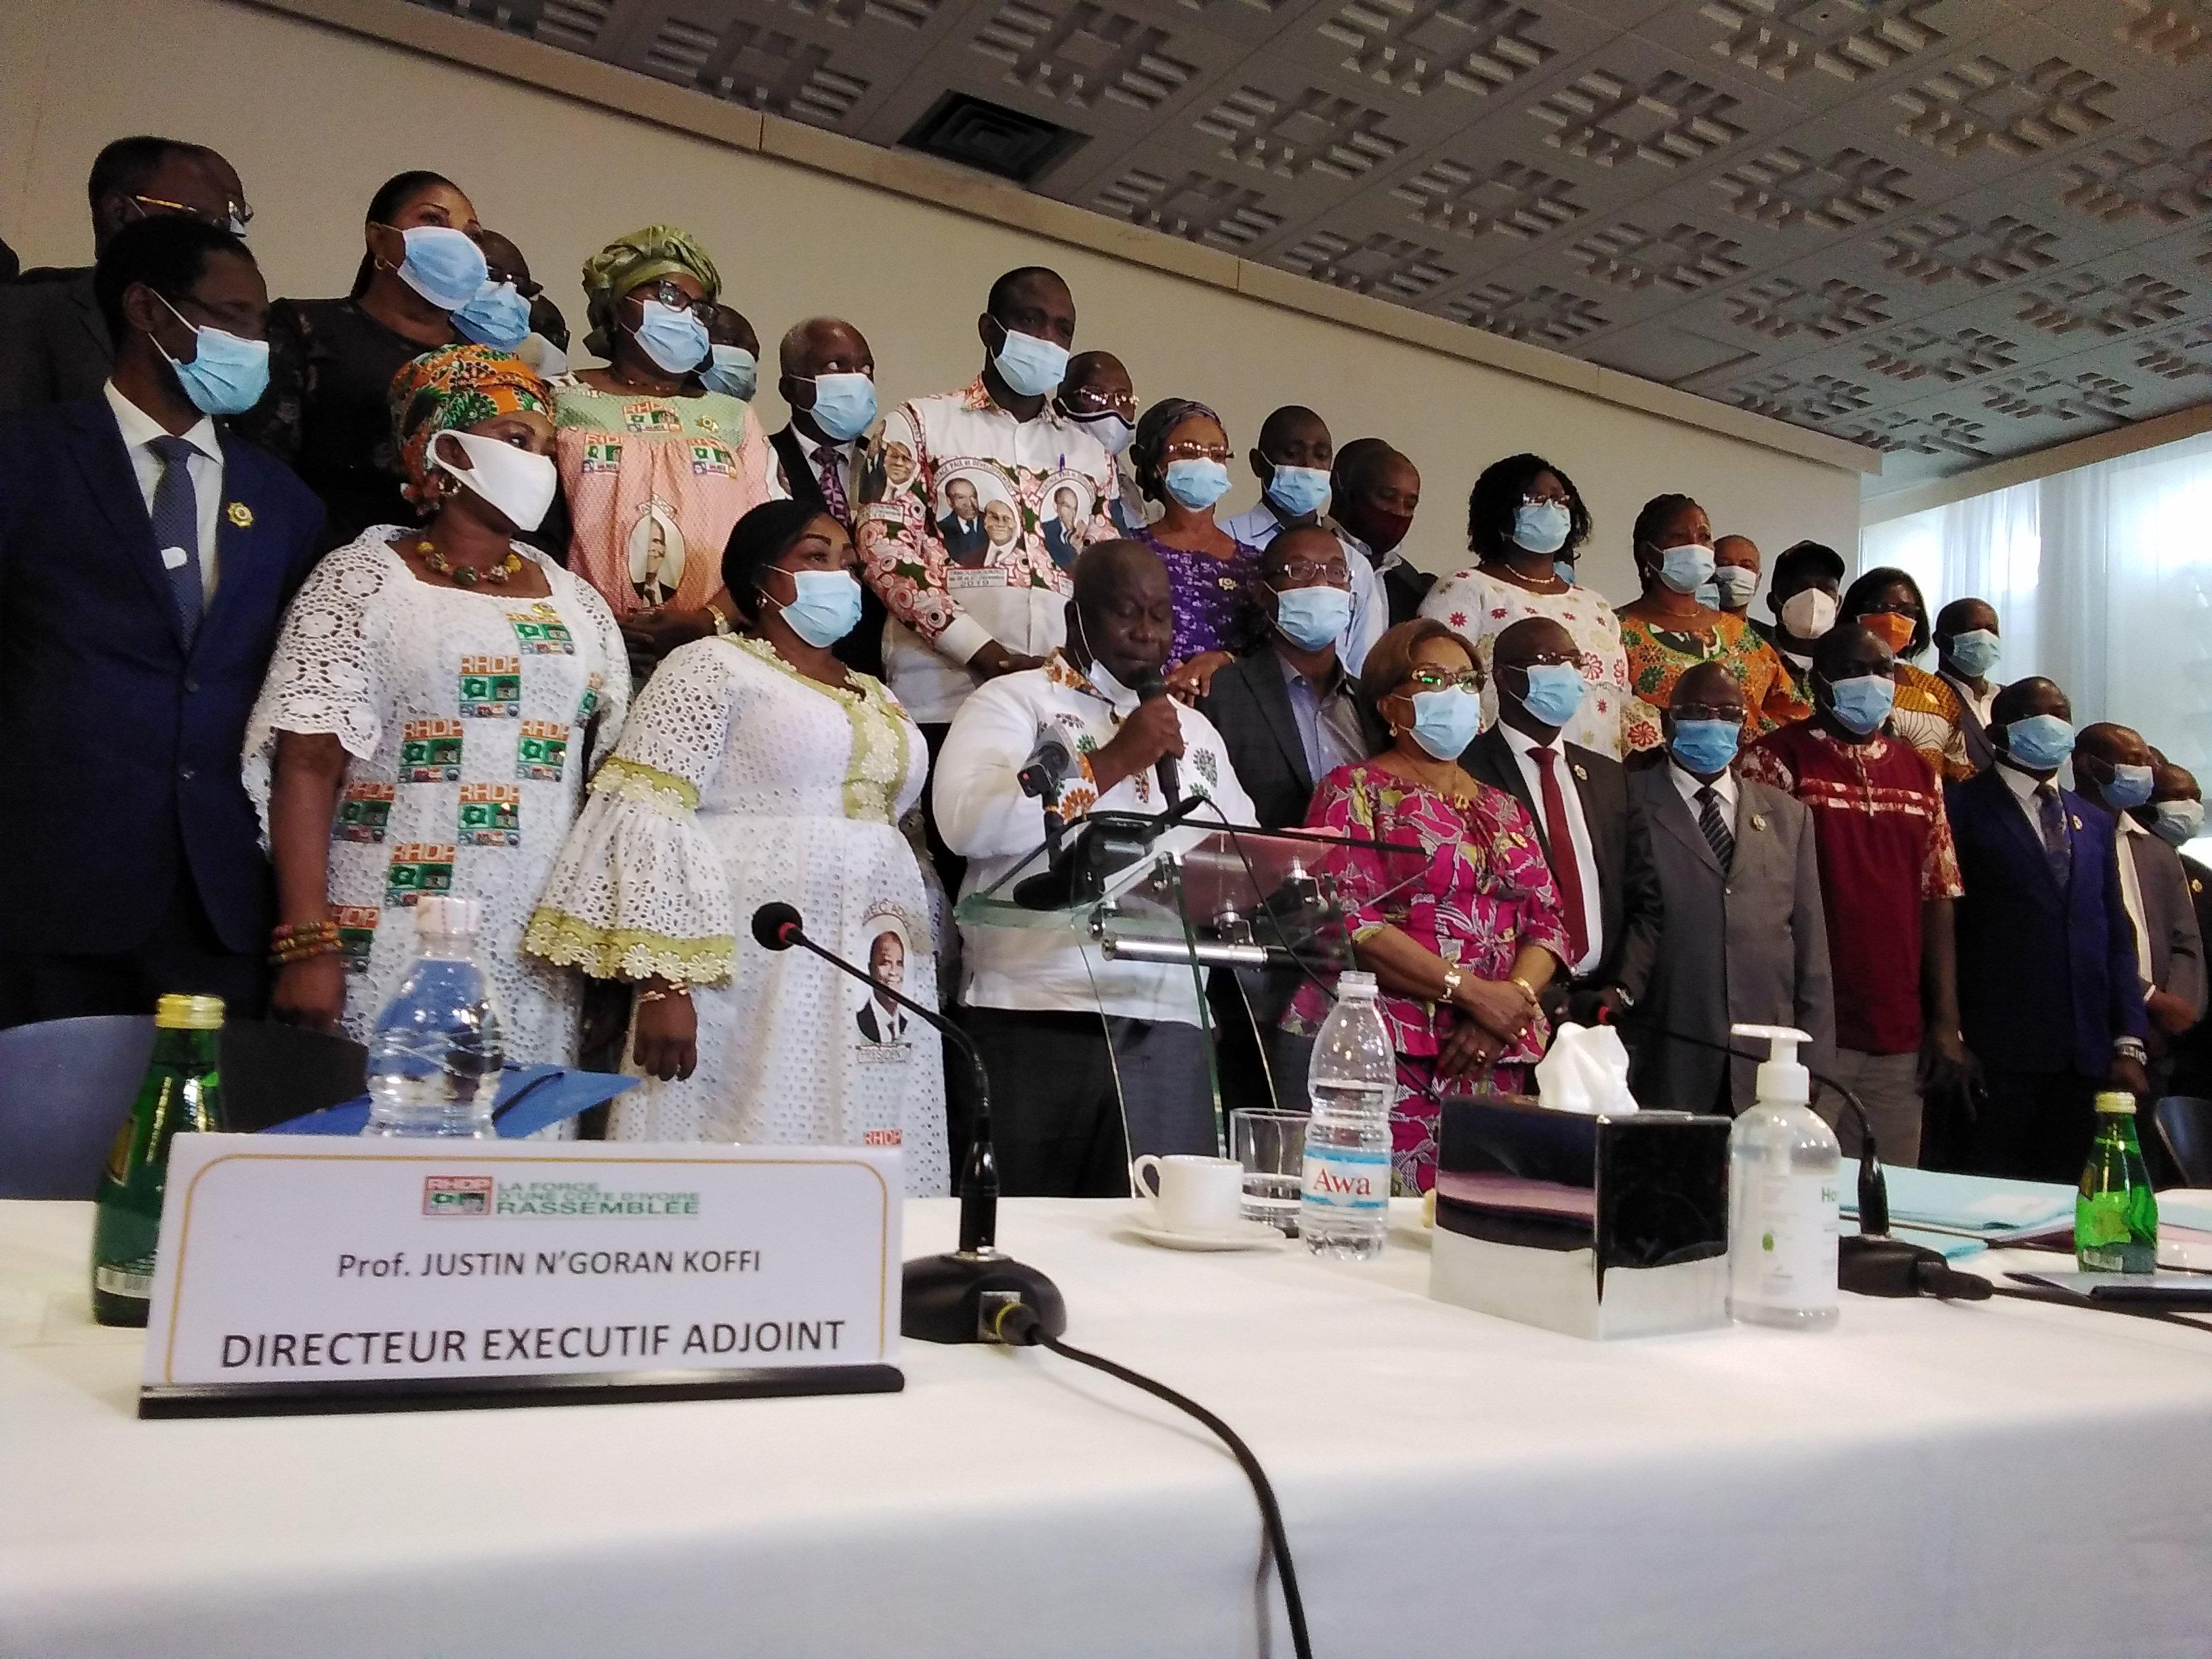 RHDP,Candidature de Ouattara,Présidentielle 2020,Députés,Frégbo Basile